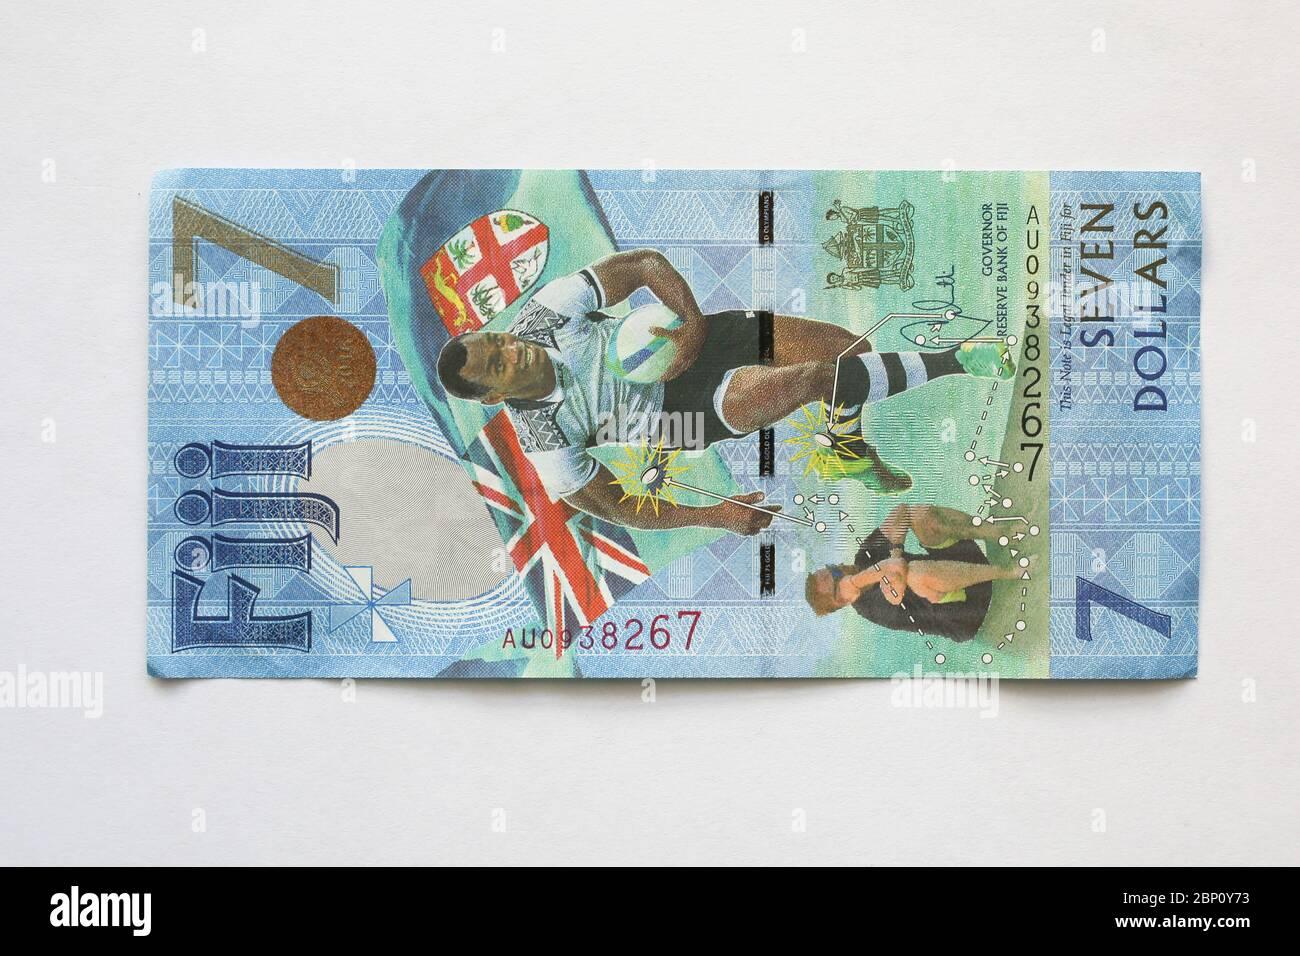 Billete de 7 dólares de Fiji que conmemora la victoria por la medalla de oro de Rugby 7 en los Juegos Olímpicos de Verano de Río 2016, Fiji, Pacífico Sur. Foto de stock